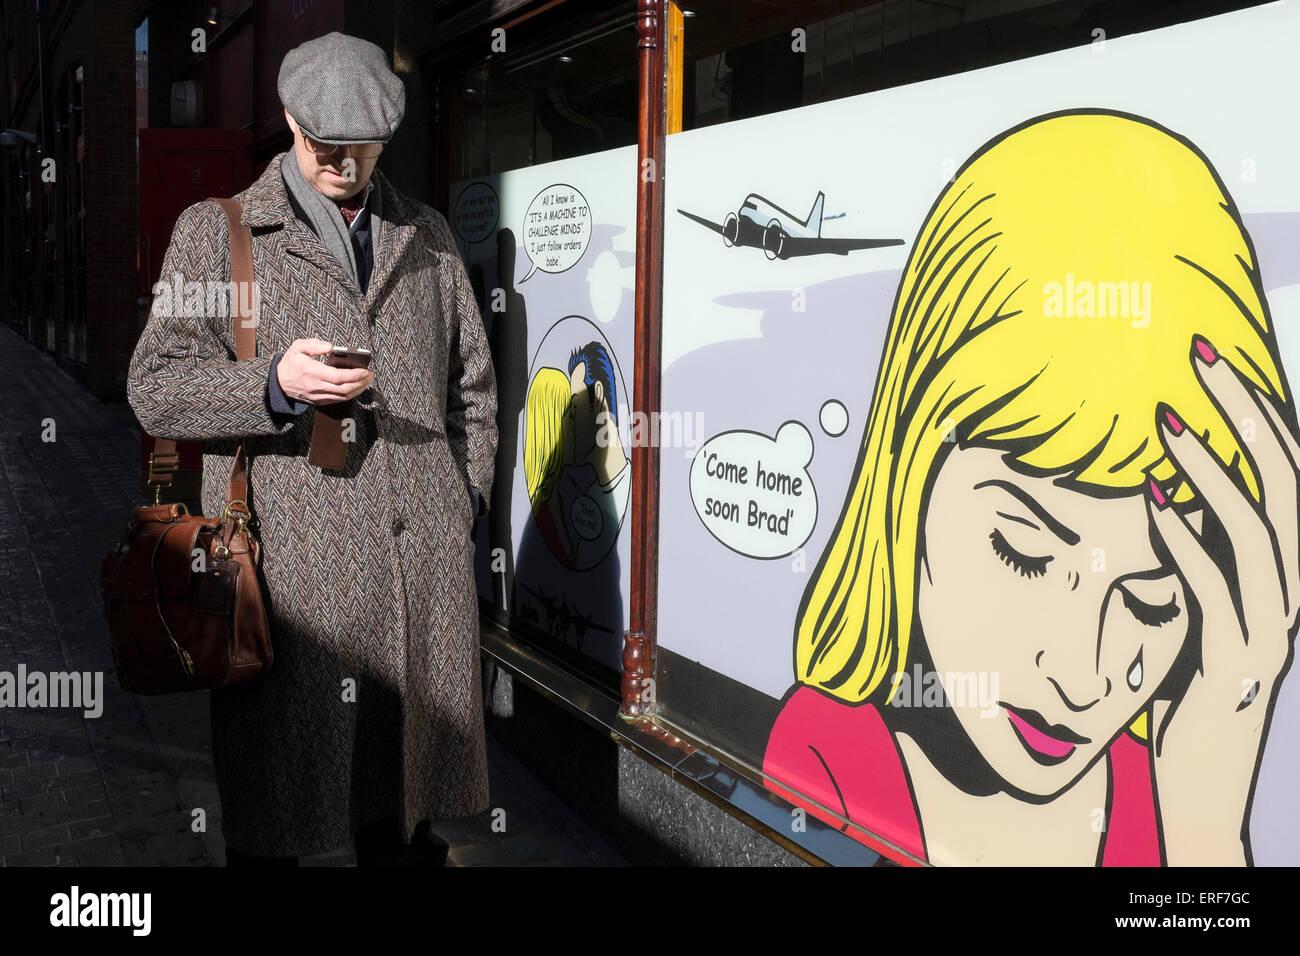 Roy Lichtenstein illustrazioni sulle finestre di un gioco d'azzardo e gaming casinò a Londra, Regno Unito. Immagini Stock